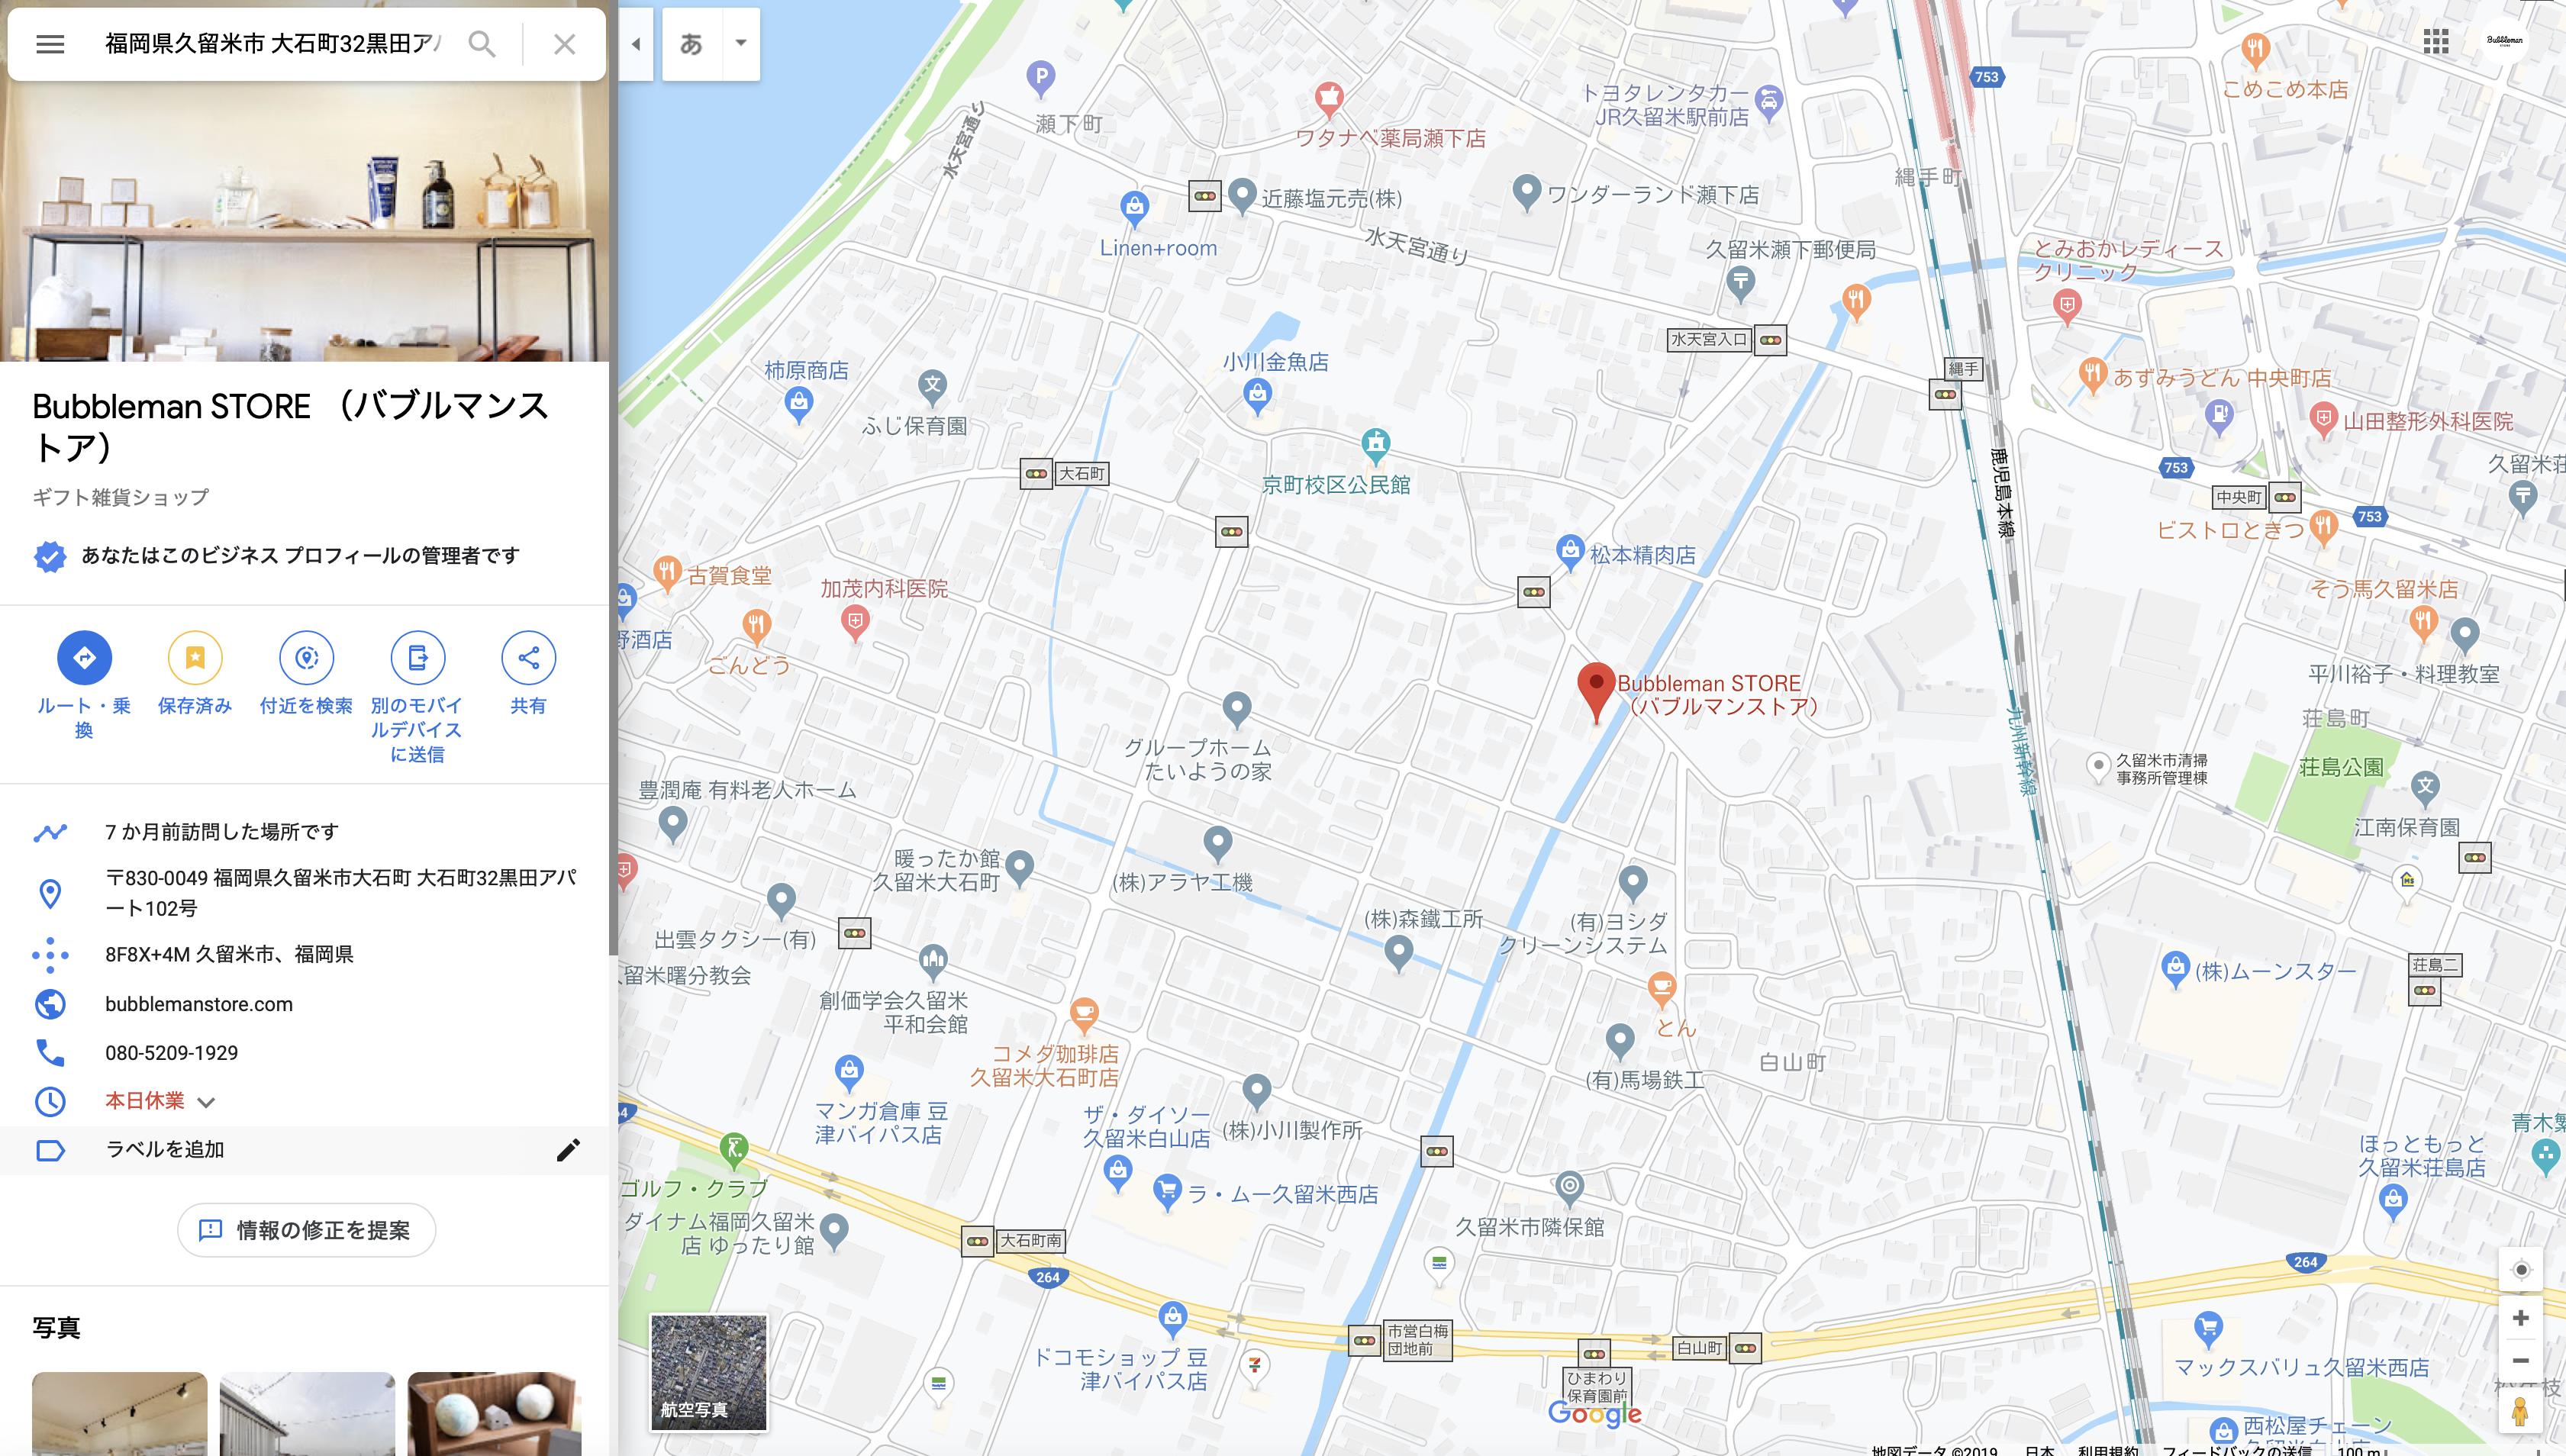 バブルマンストアのグーグルマップ